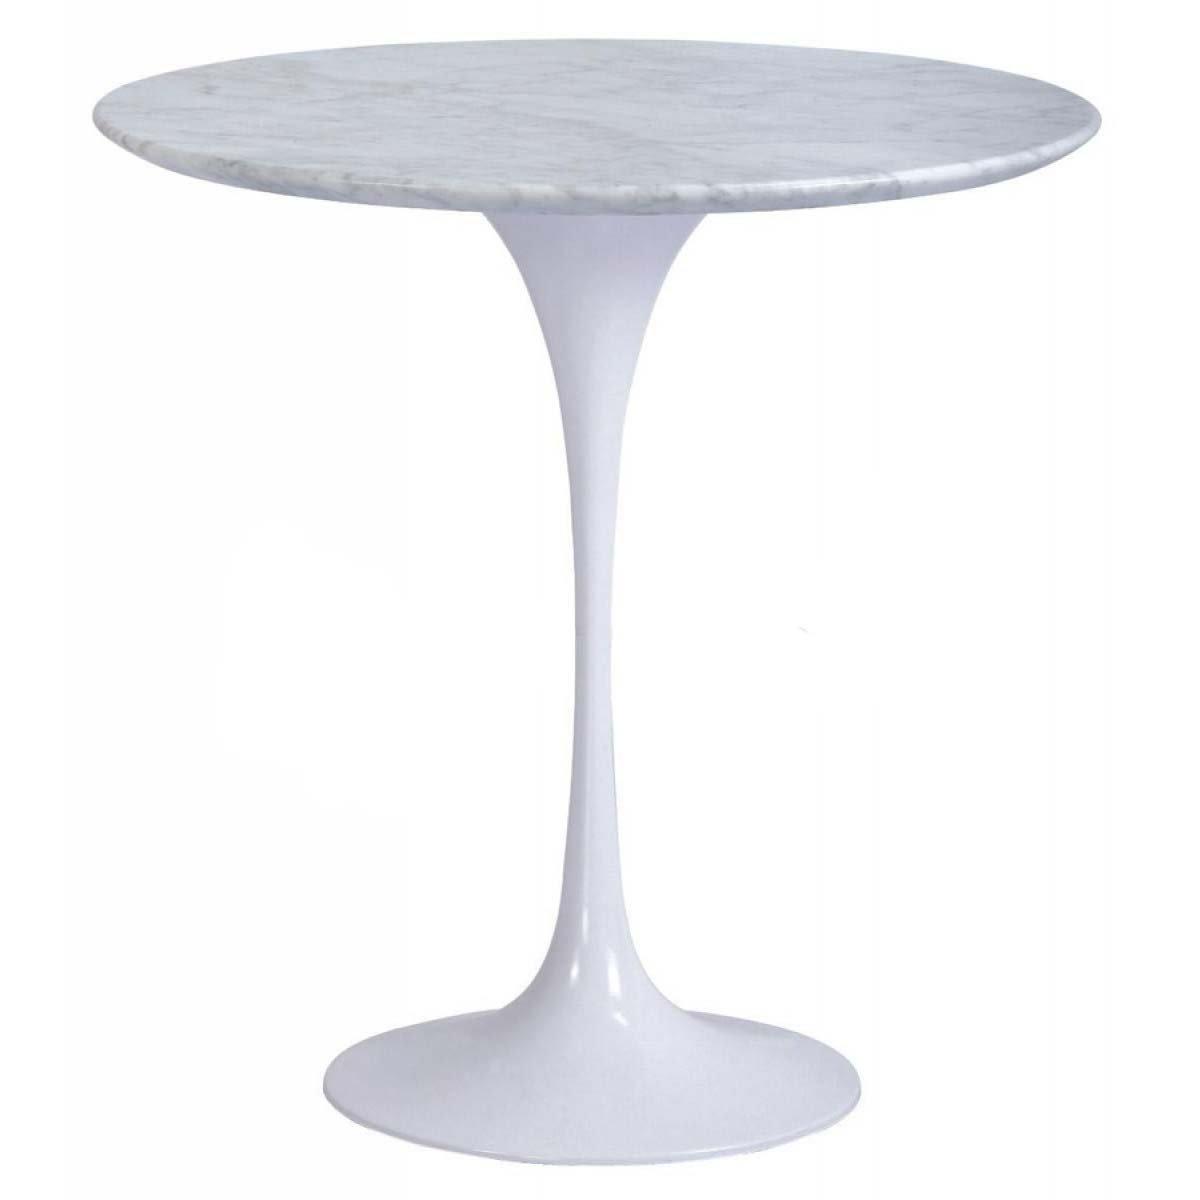 Tulip 50cm Round Marble Side Table - Eero Saarinen Replica - Aluminium